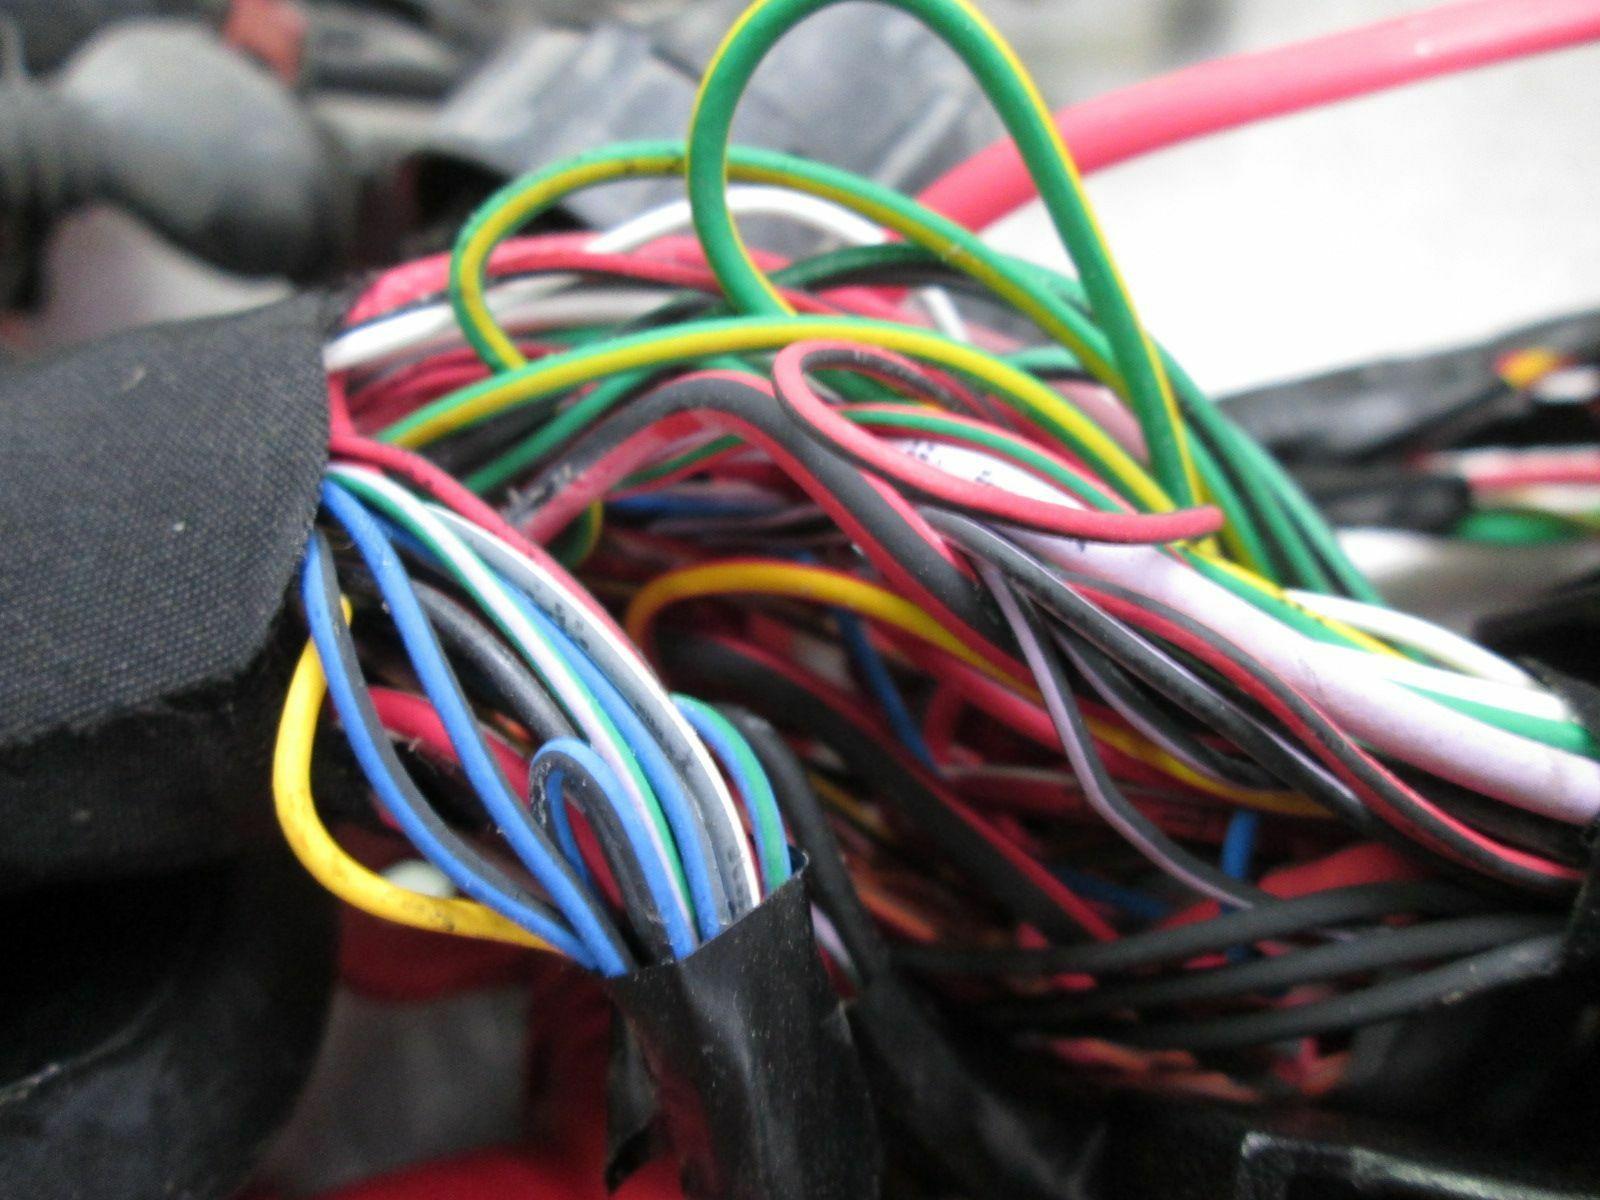 Engine Wiring Wire Harness 3.0L V6 TC6 4G1971072AL Audi A6 S6 A7 4G on ford wiring harness, camaro wiring harness, mopar wiring harness, honda wiring harness, 2000 mustang wiring harness, vw wiring harness, saab wiring harness, toyota wiring harness, mitsubishi wiring harness, mercury wiring harness, porsche wiring harness, jayco wiring harness, 2004 mustang wiring harness, subaru wiring harness, lexus wiring harness, kymco wiring harness, hyundai wiring harness, dodge wiring harness, miata wiring harness, chrysler wiring harness,